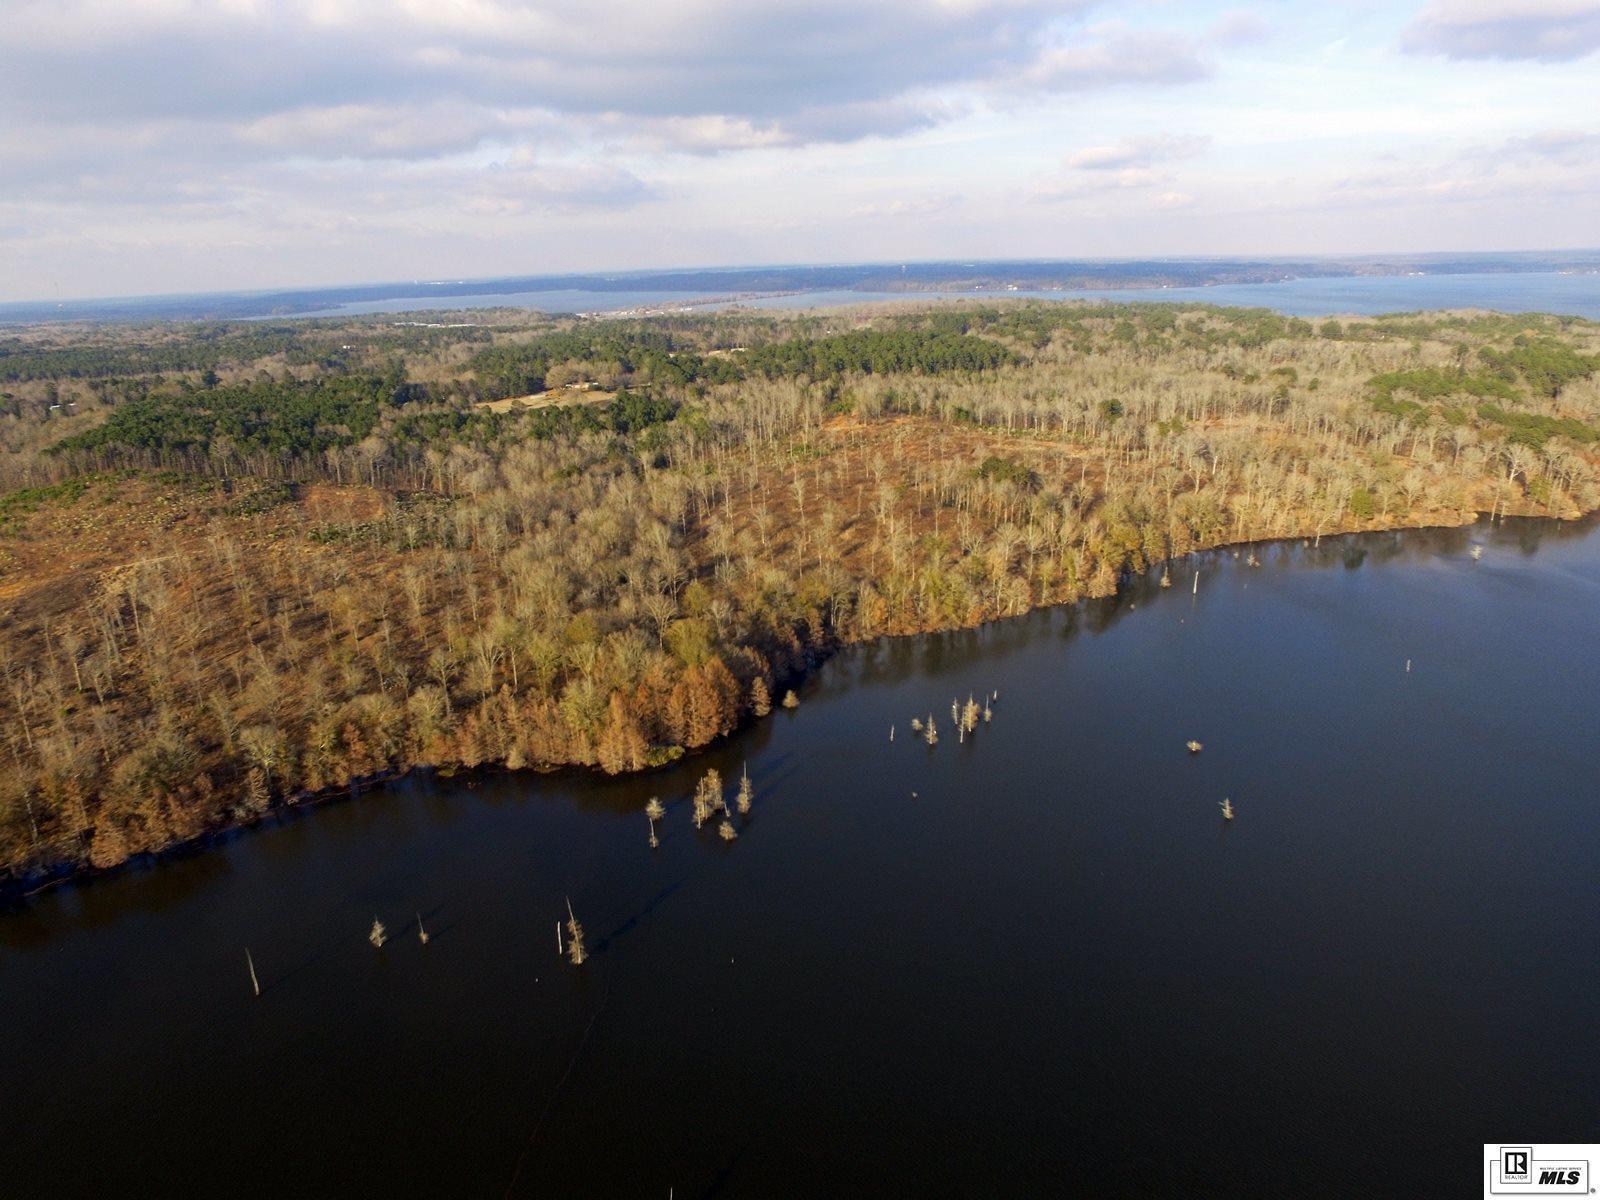 000 PINT ROAD, 304 N - Lake D'Arbonne